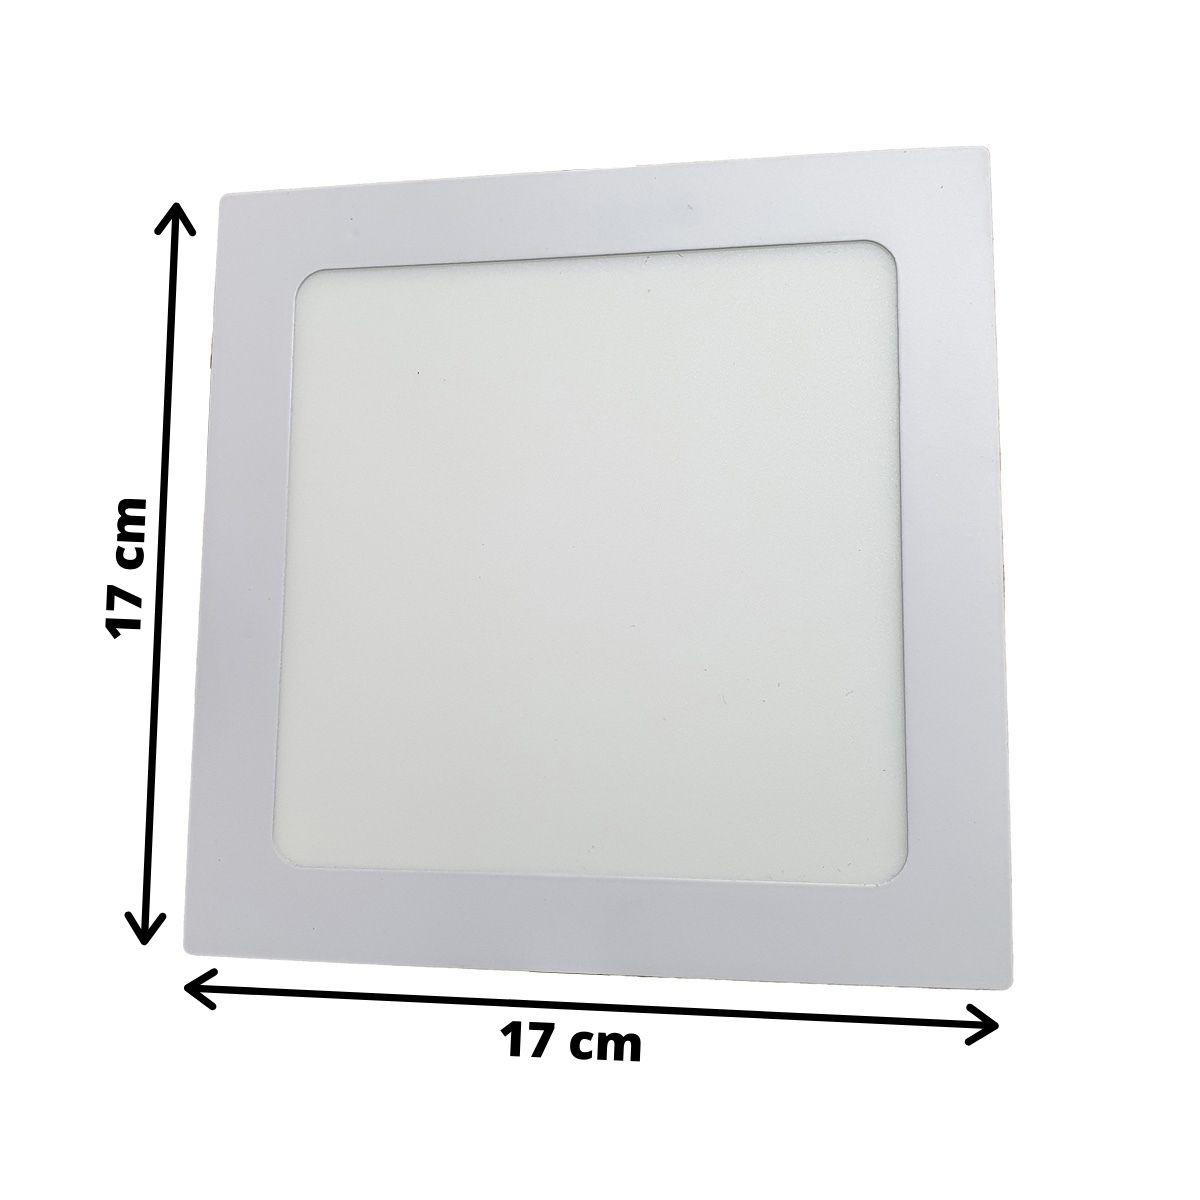 Luminária LED Embutir 12w Quadrada Branco Quente 3000k Plafon